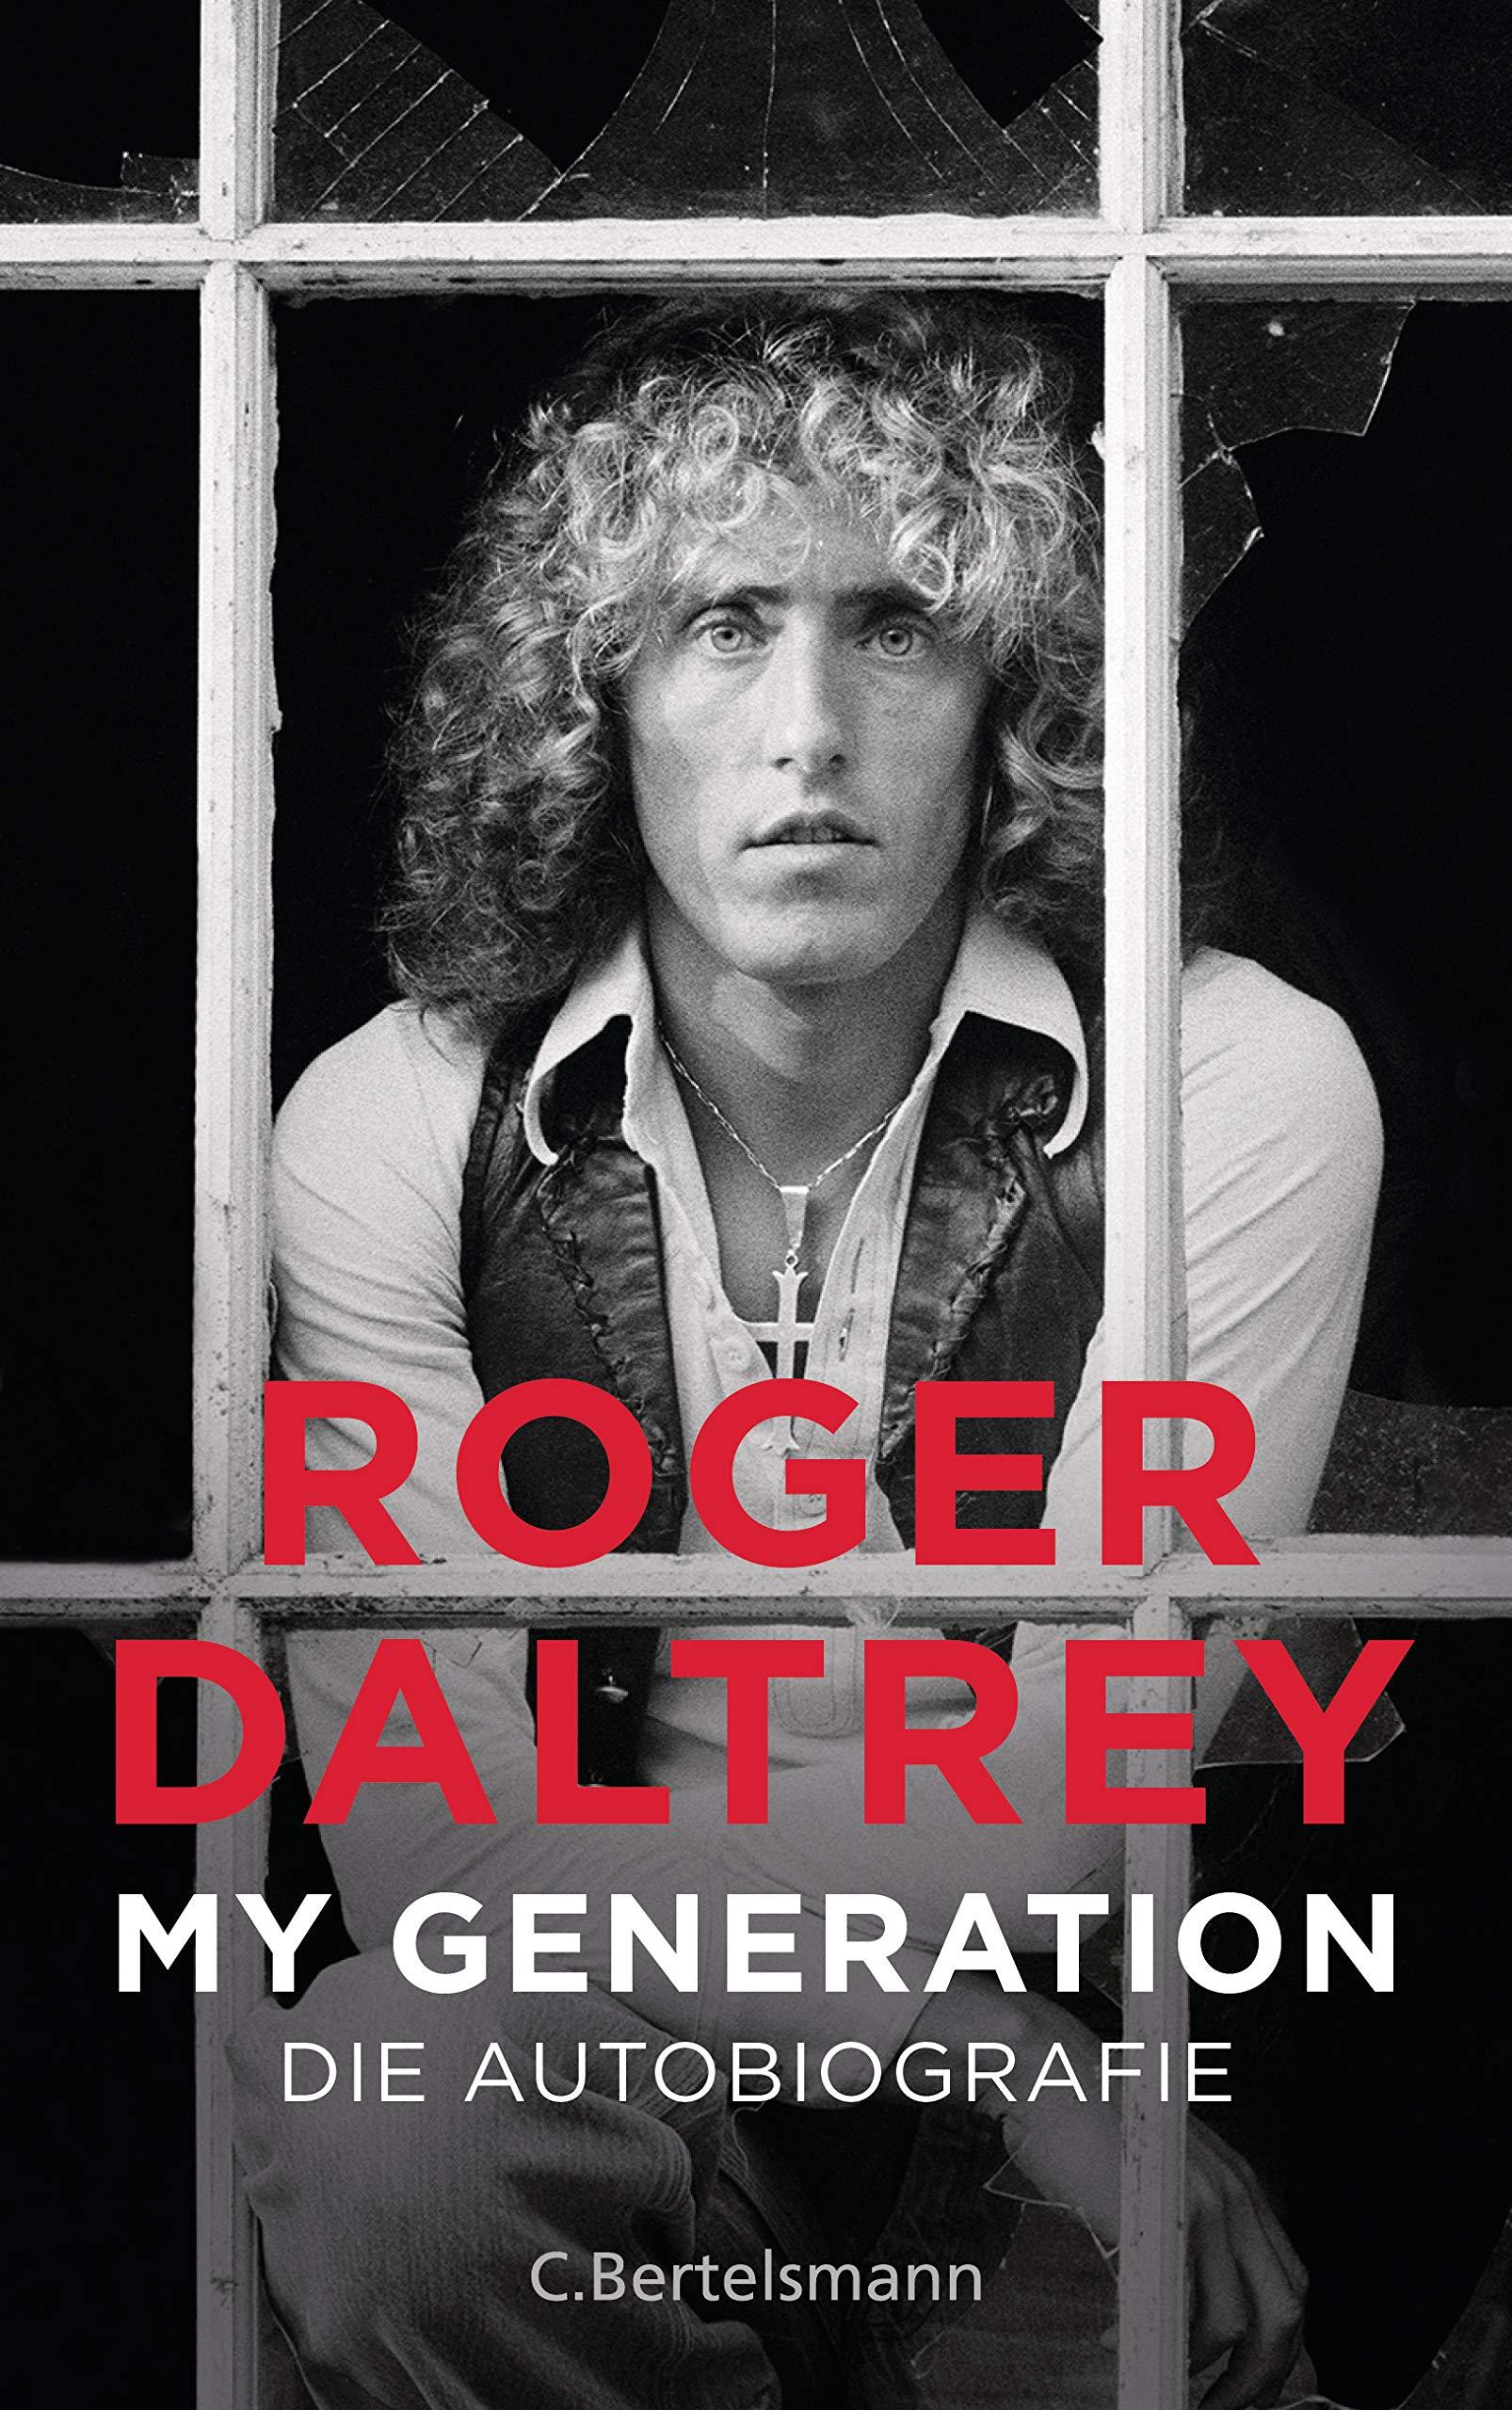 Bildergebnis für fotos vom buch Biografie von Roger Daltrey: My Generation